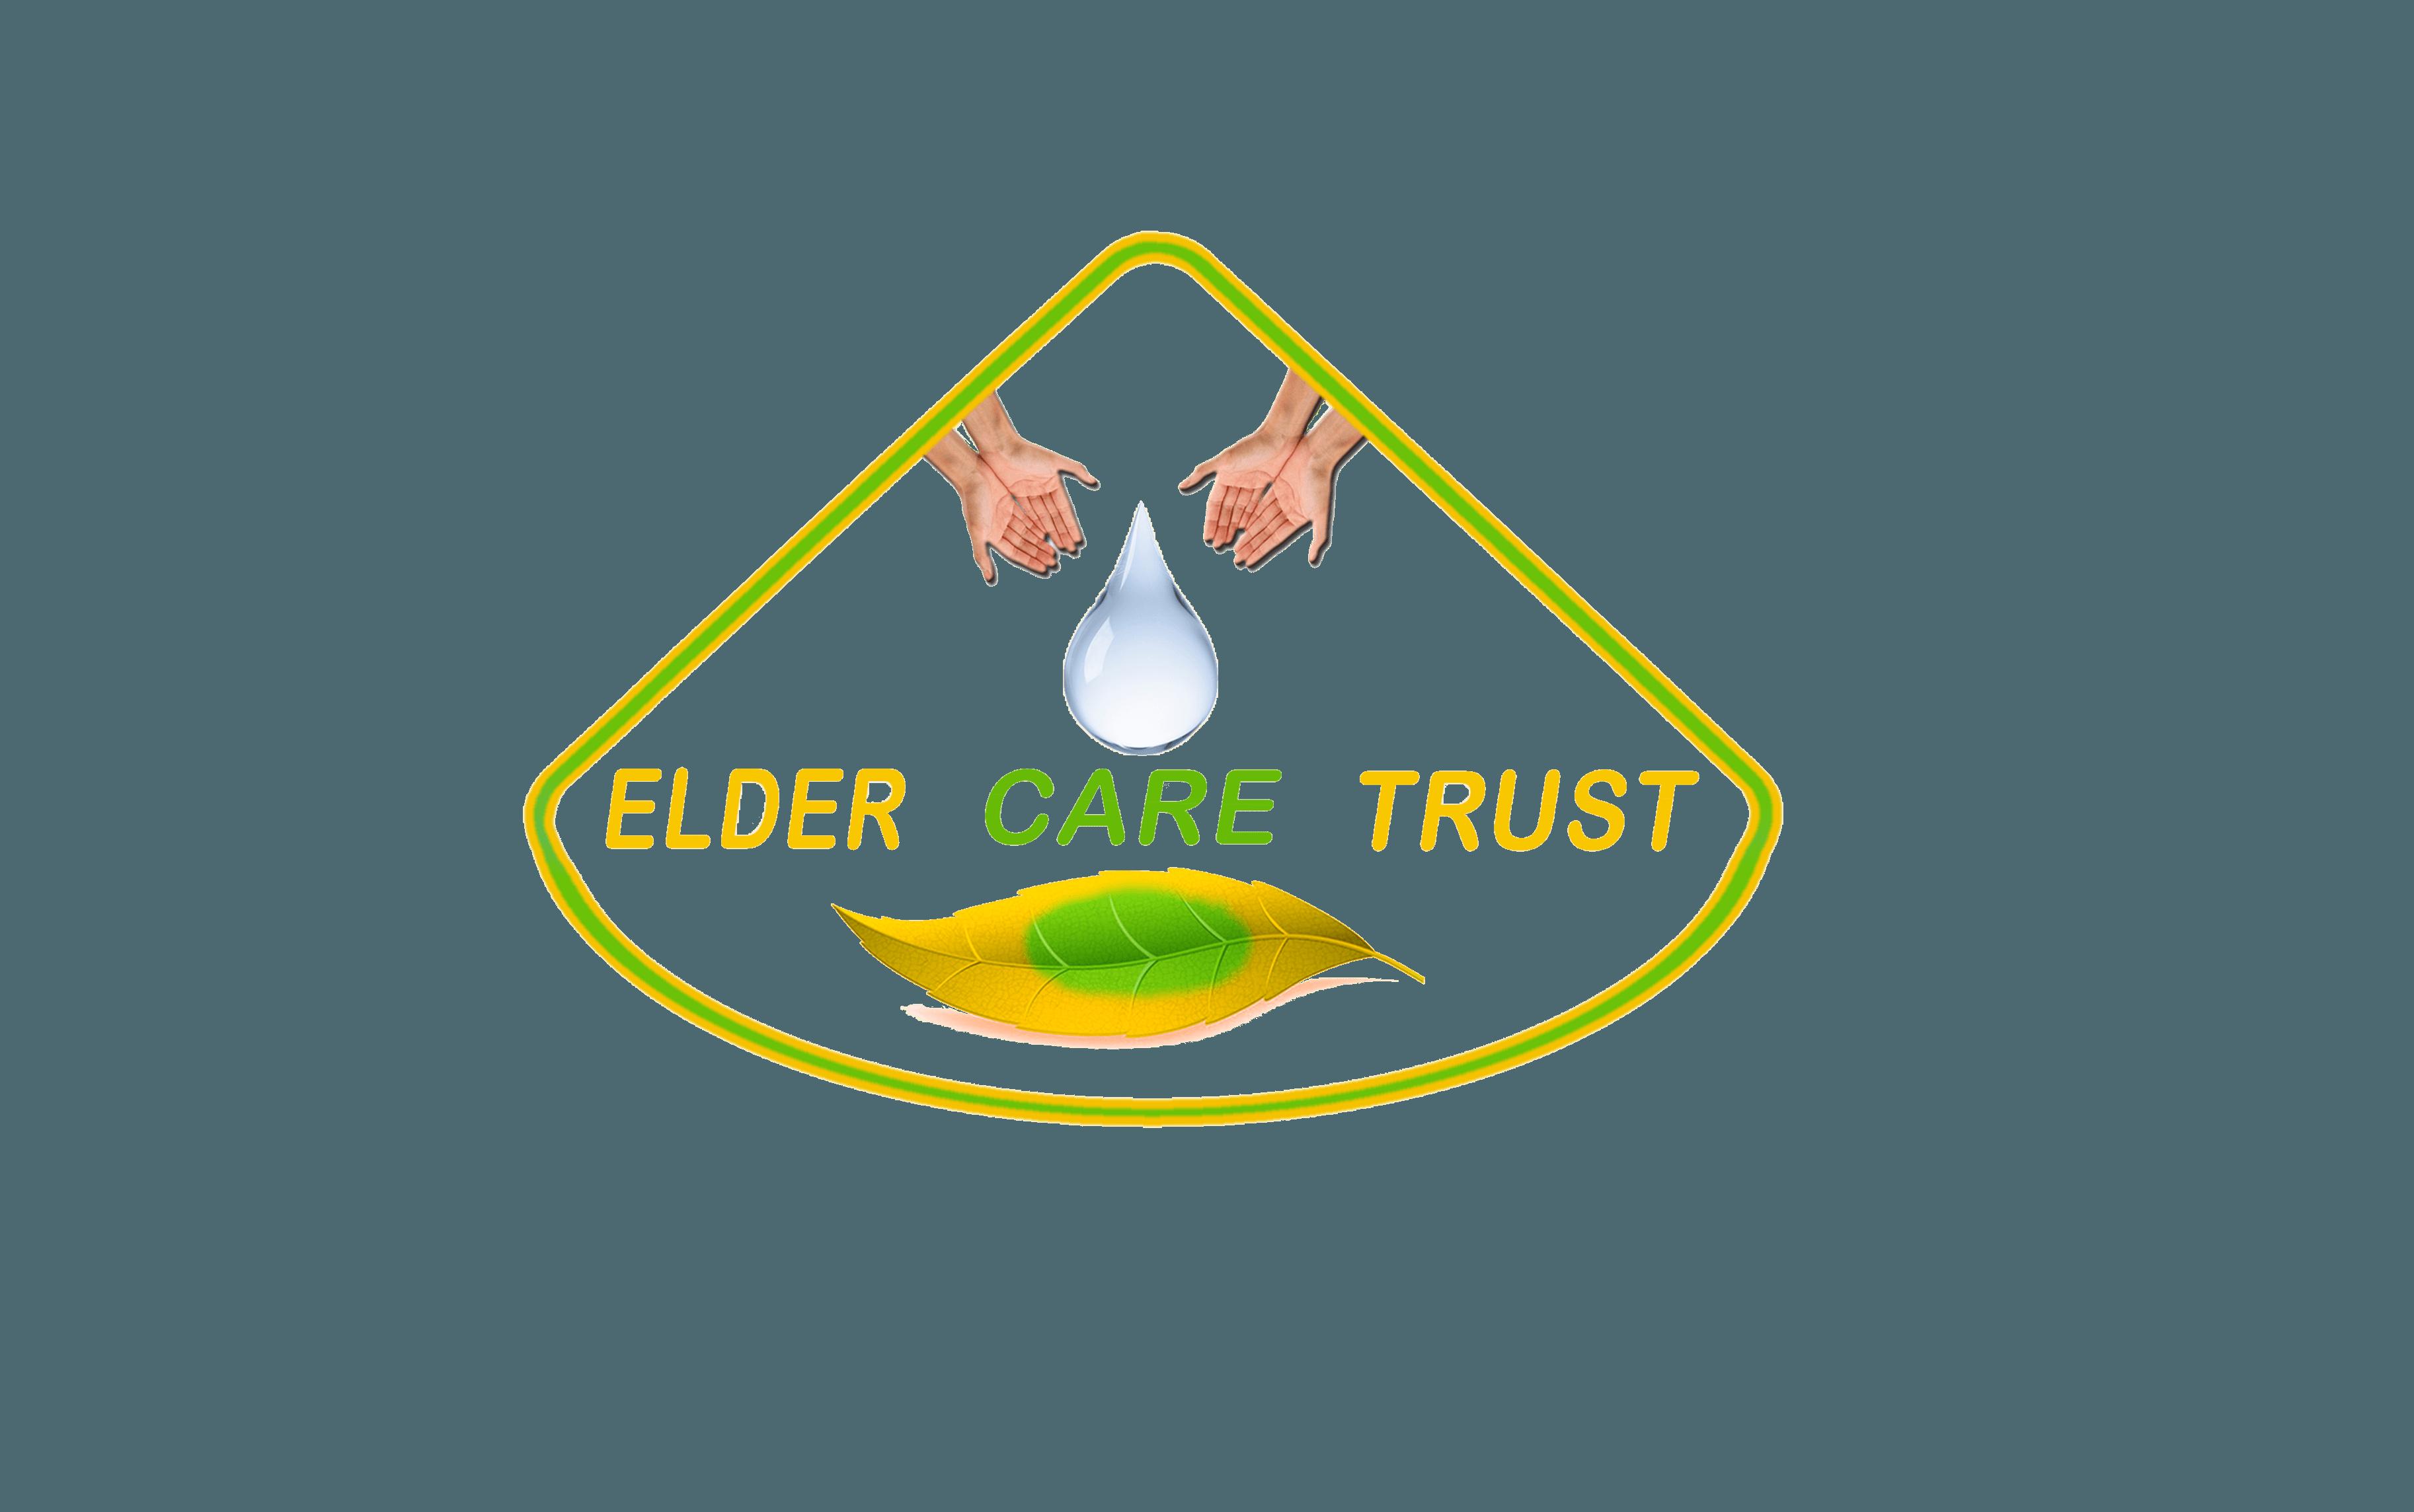 Elder Care Trust